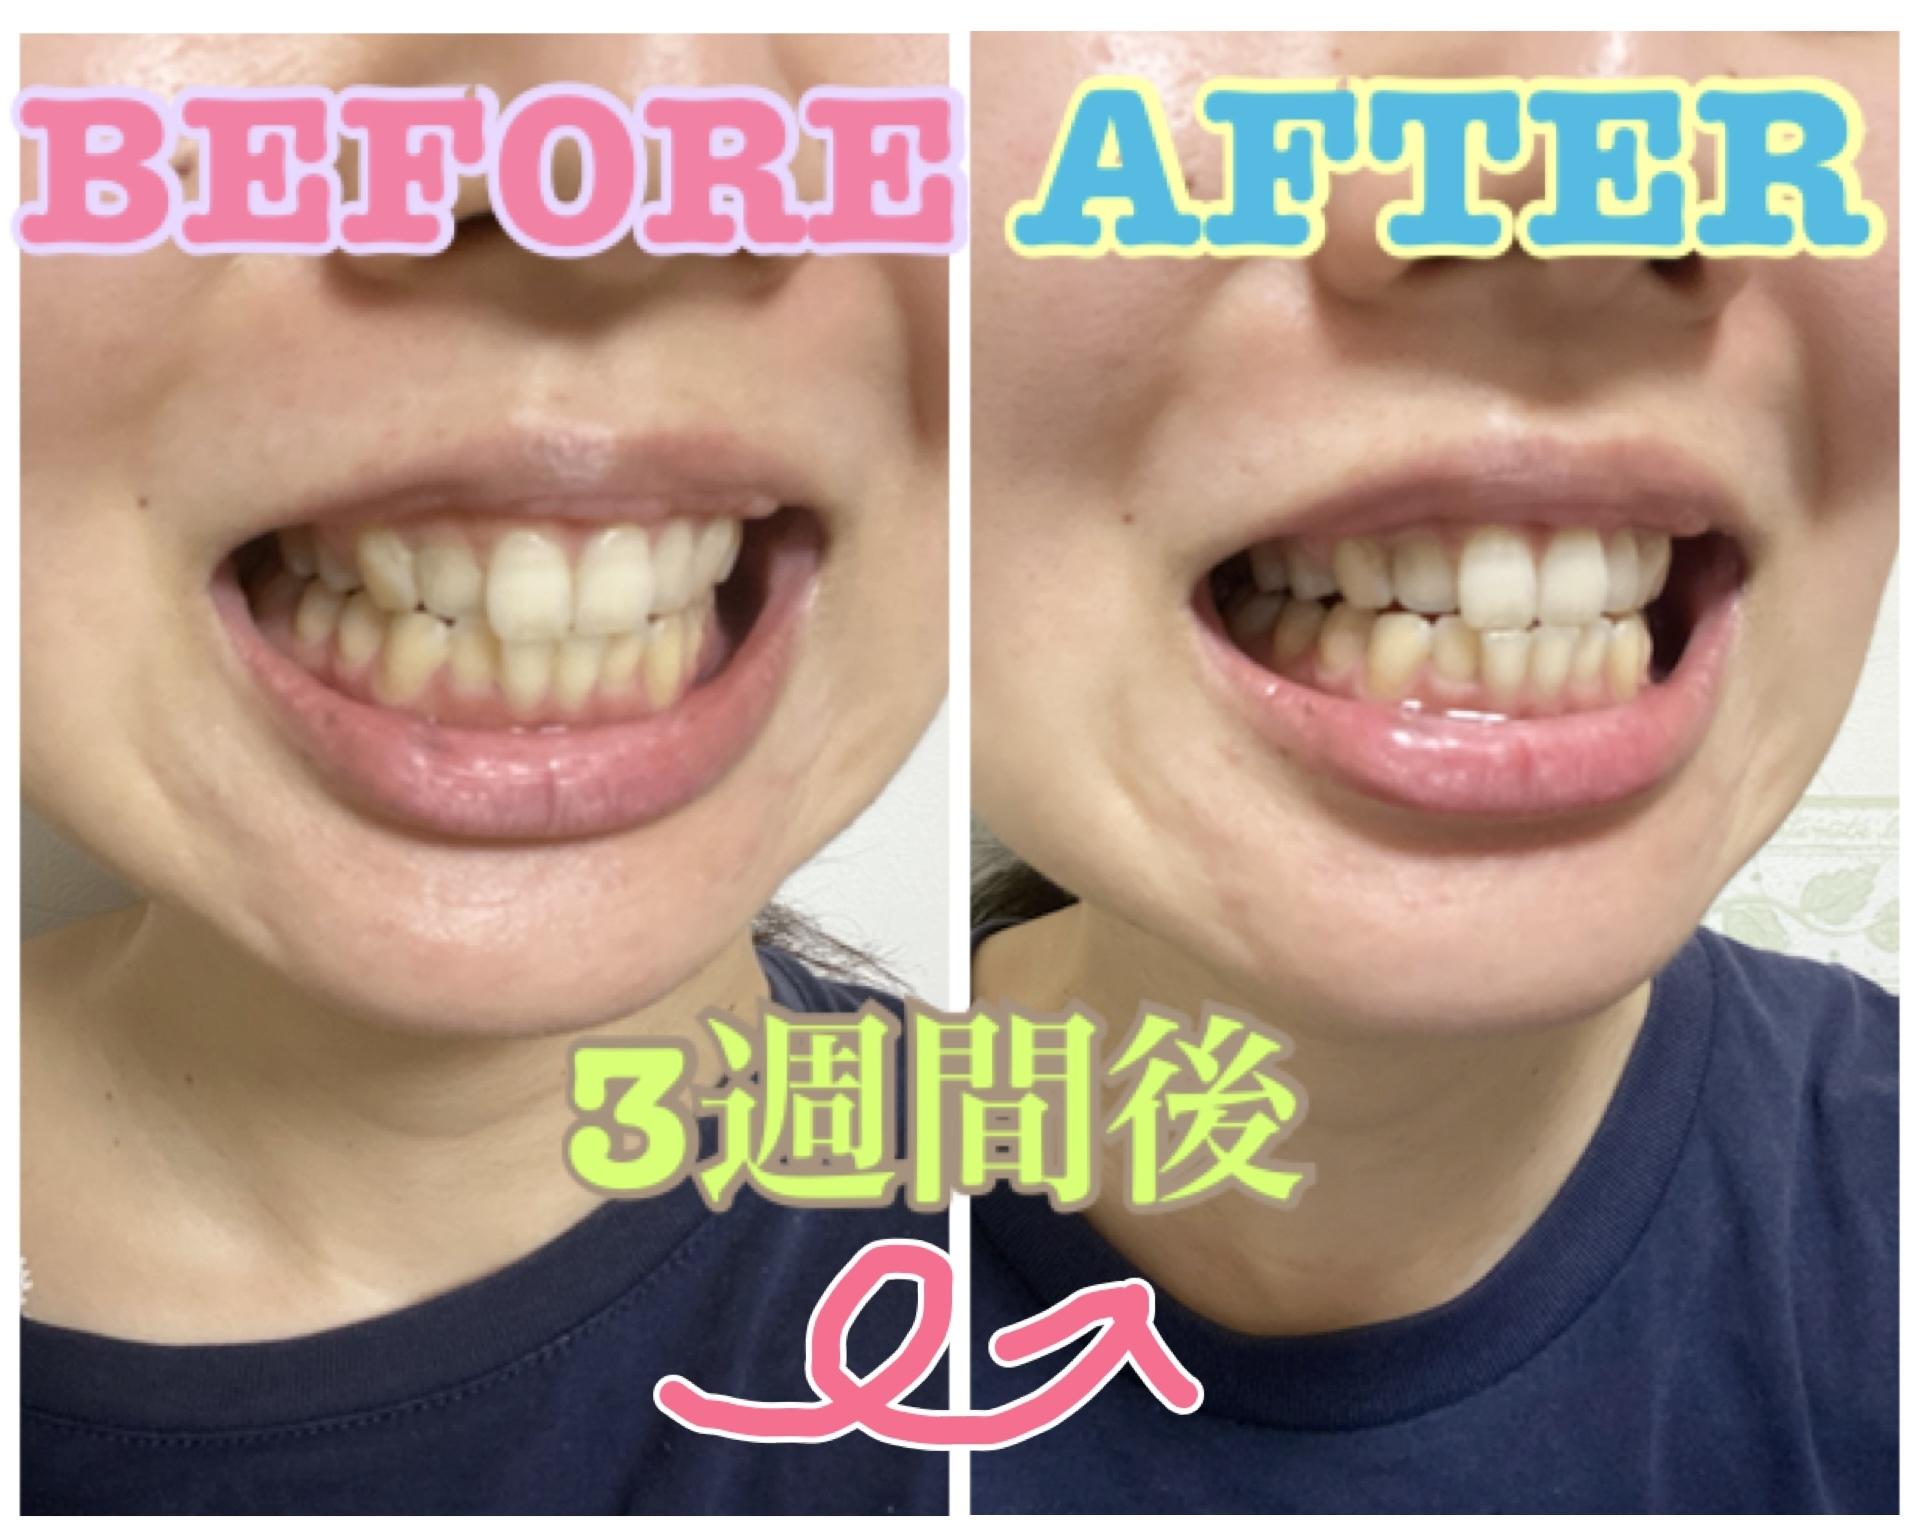 【おうちケア】毎日の歯ブラシで口腔ケアandホワイトニング!_5